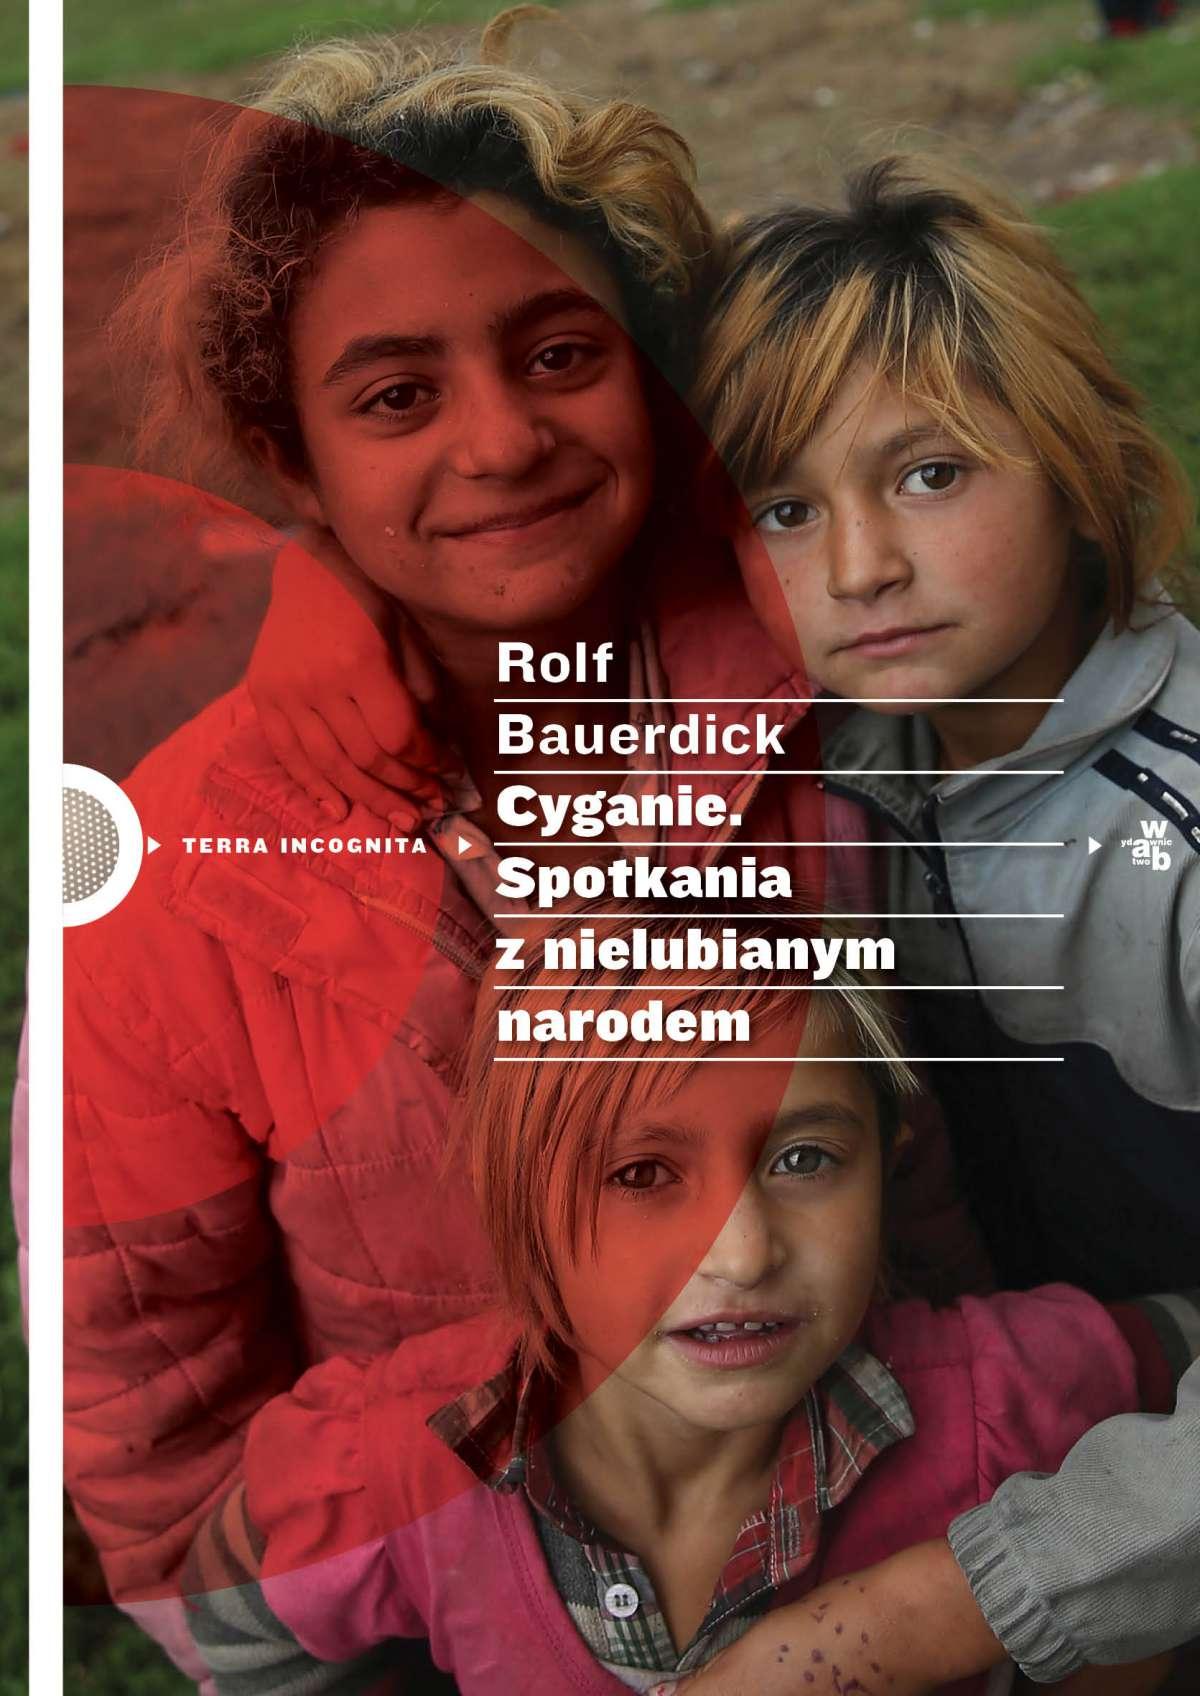 Cyganie. Spotkania z nielubianym narodem - Ebook (Książka EPUB) do pobrania w formacie EPUB